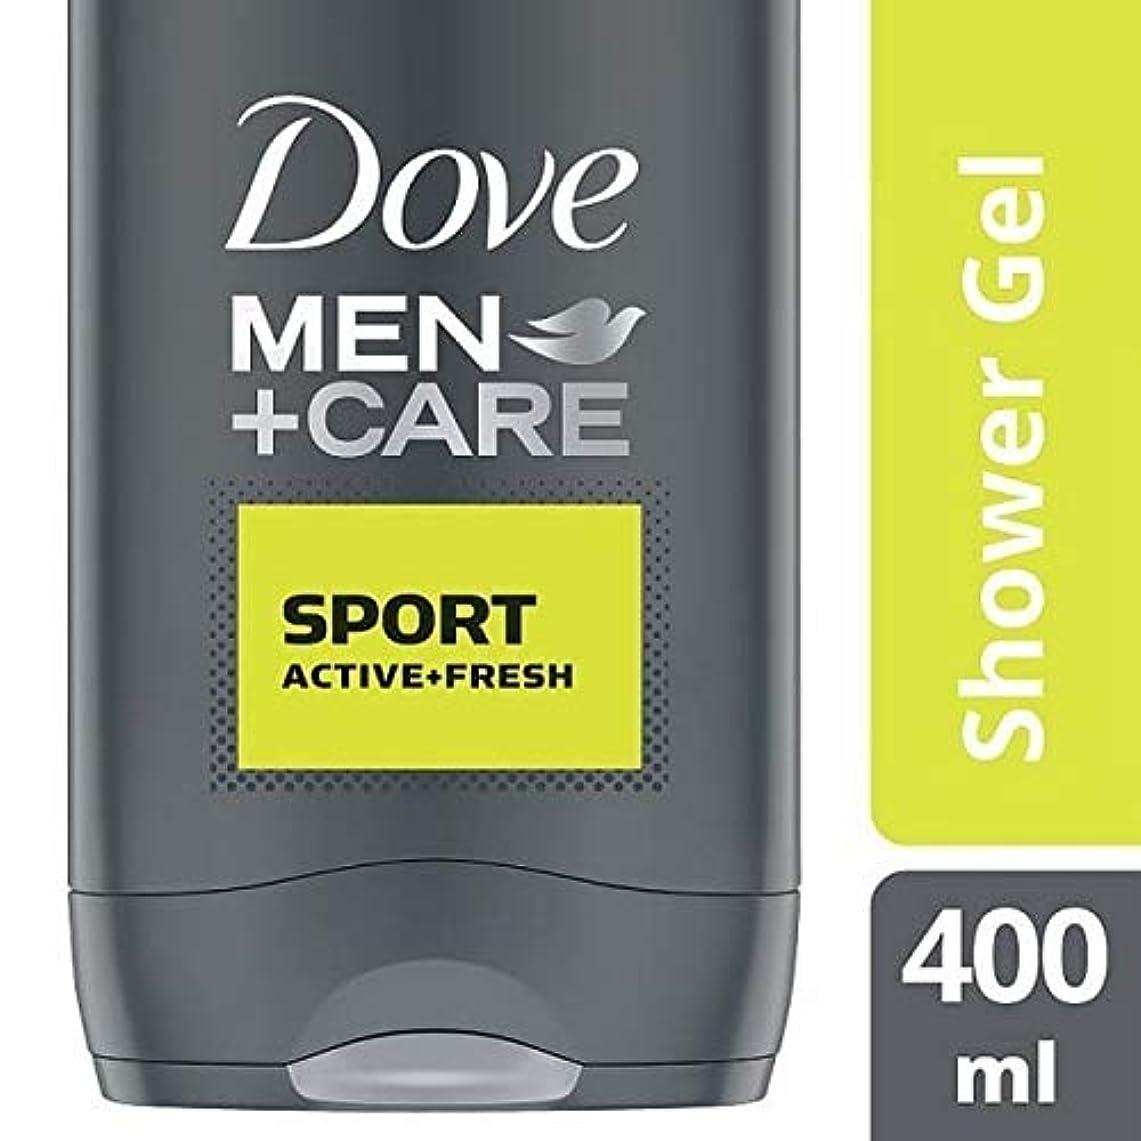 なめる作りシンポジウム[Dove ] 鳩の男性+ケアスポーツアクティブ&フレッシュボディウォッシュ400ミリリットル - Dove Men + Care Sport Active & Fresh Bodywash 400ml [並行輸入品]